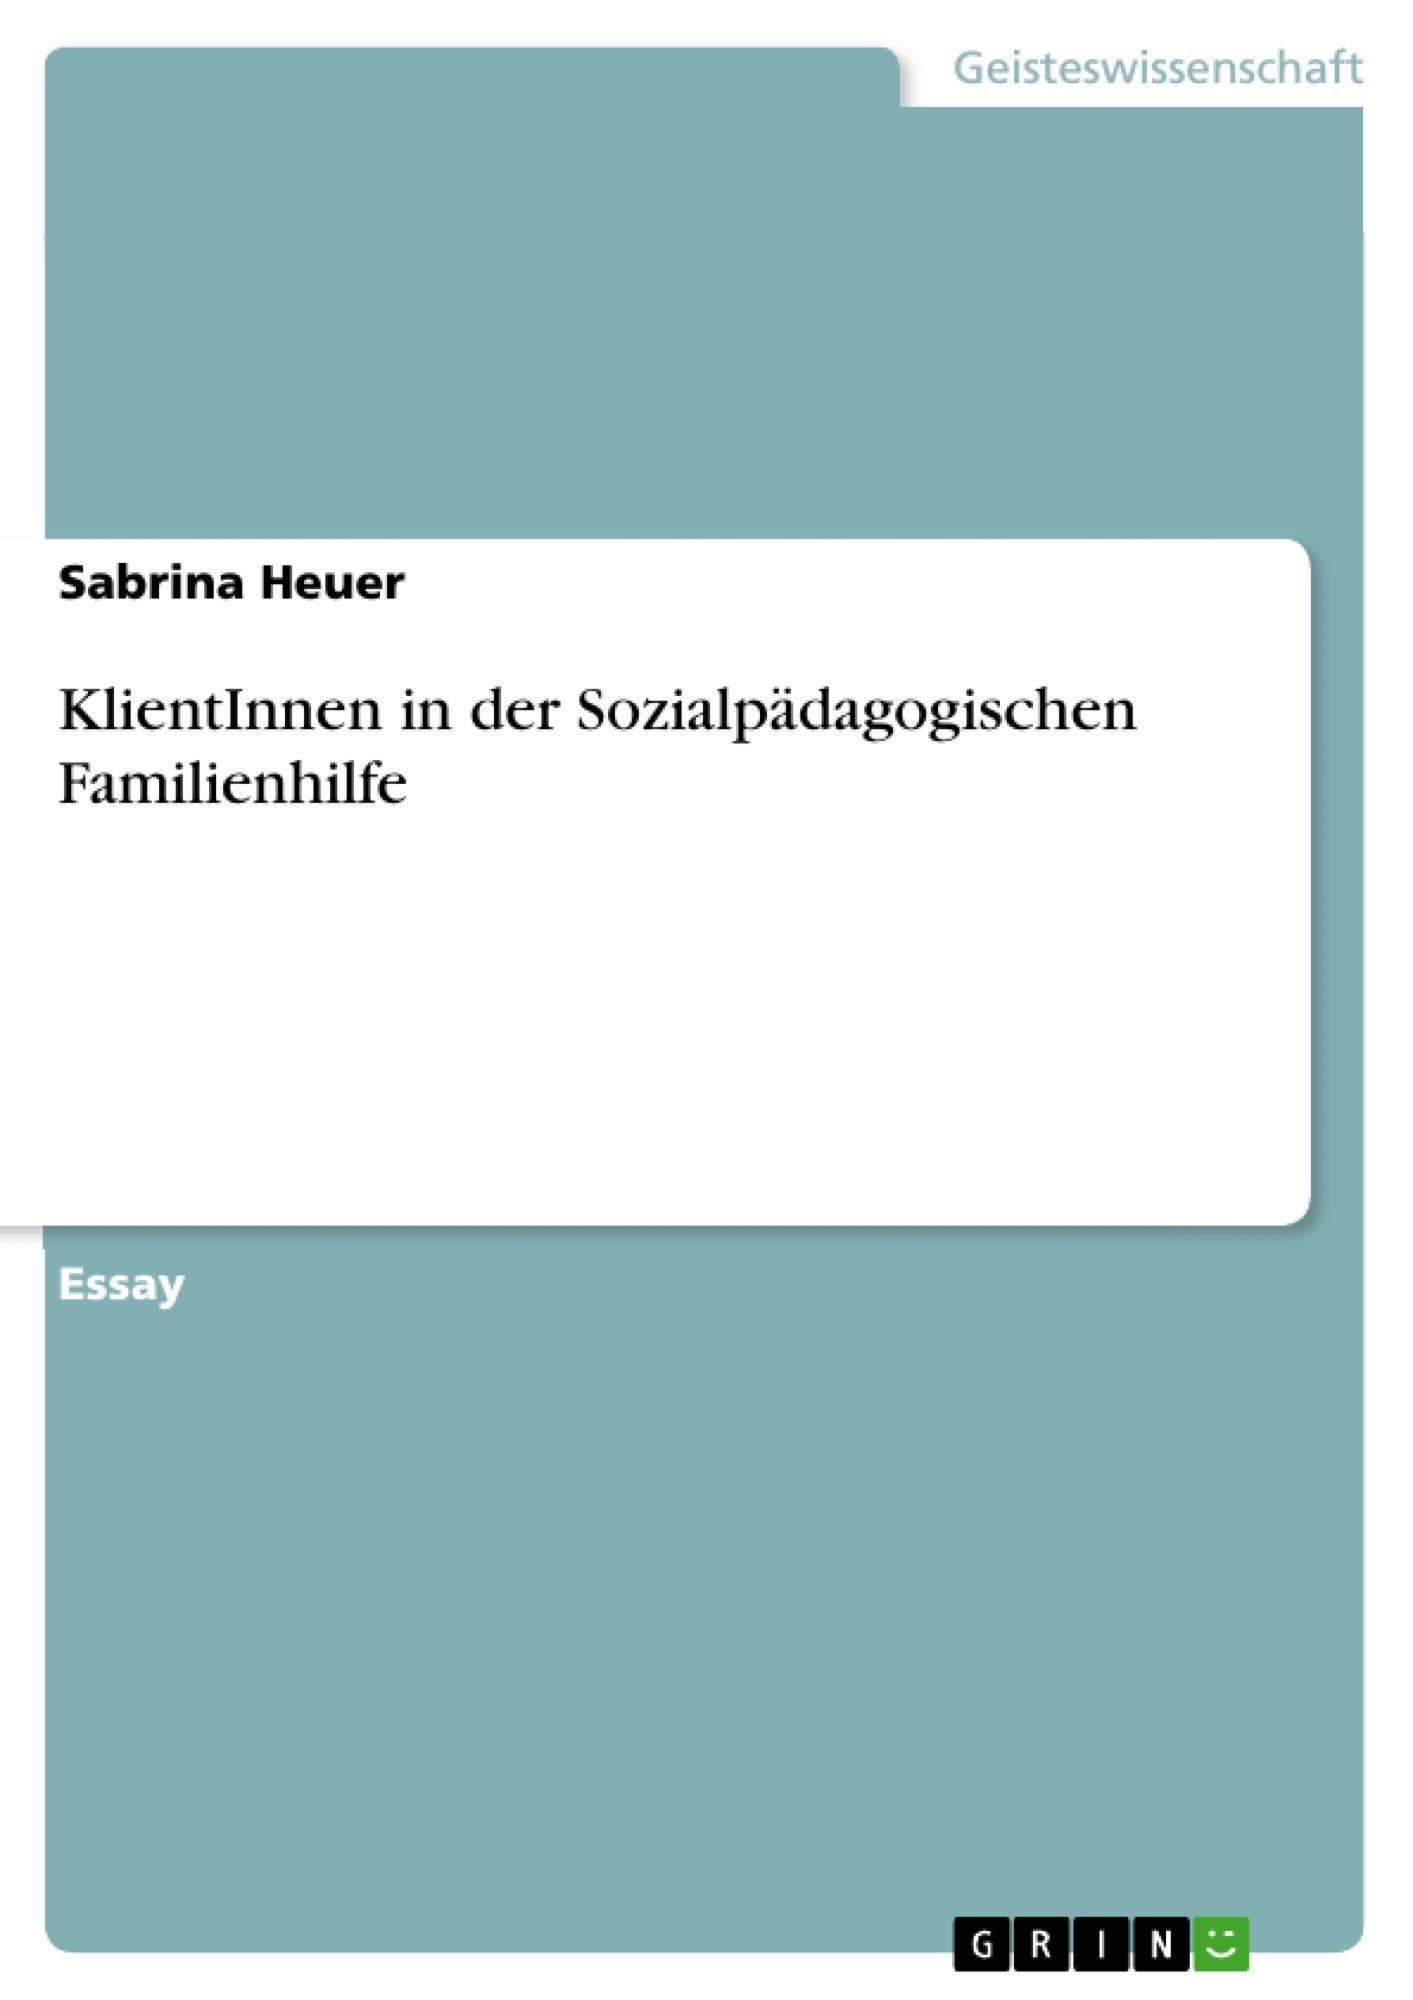 Titel: KlientInnen in der Sozialpädagogischen Familienhilfe